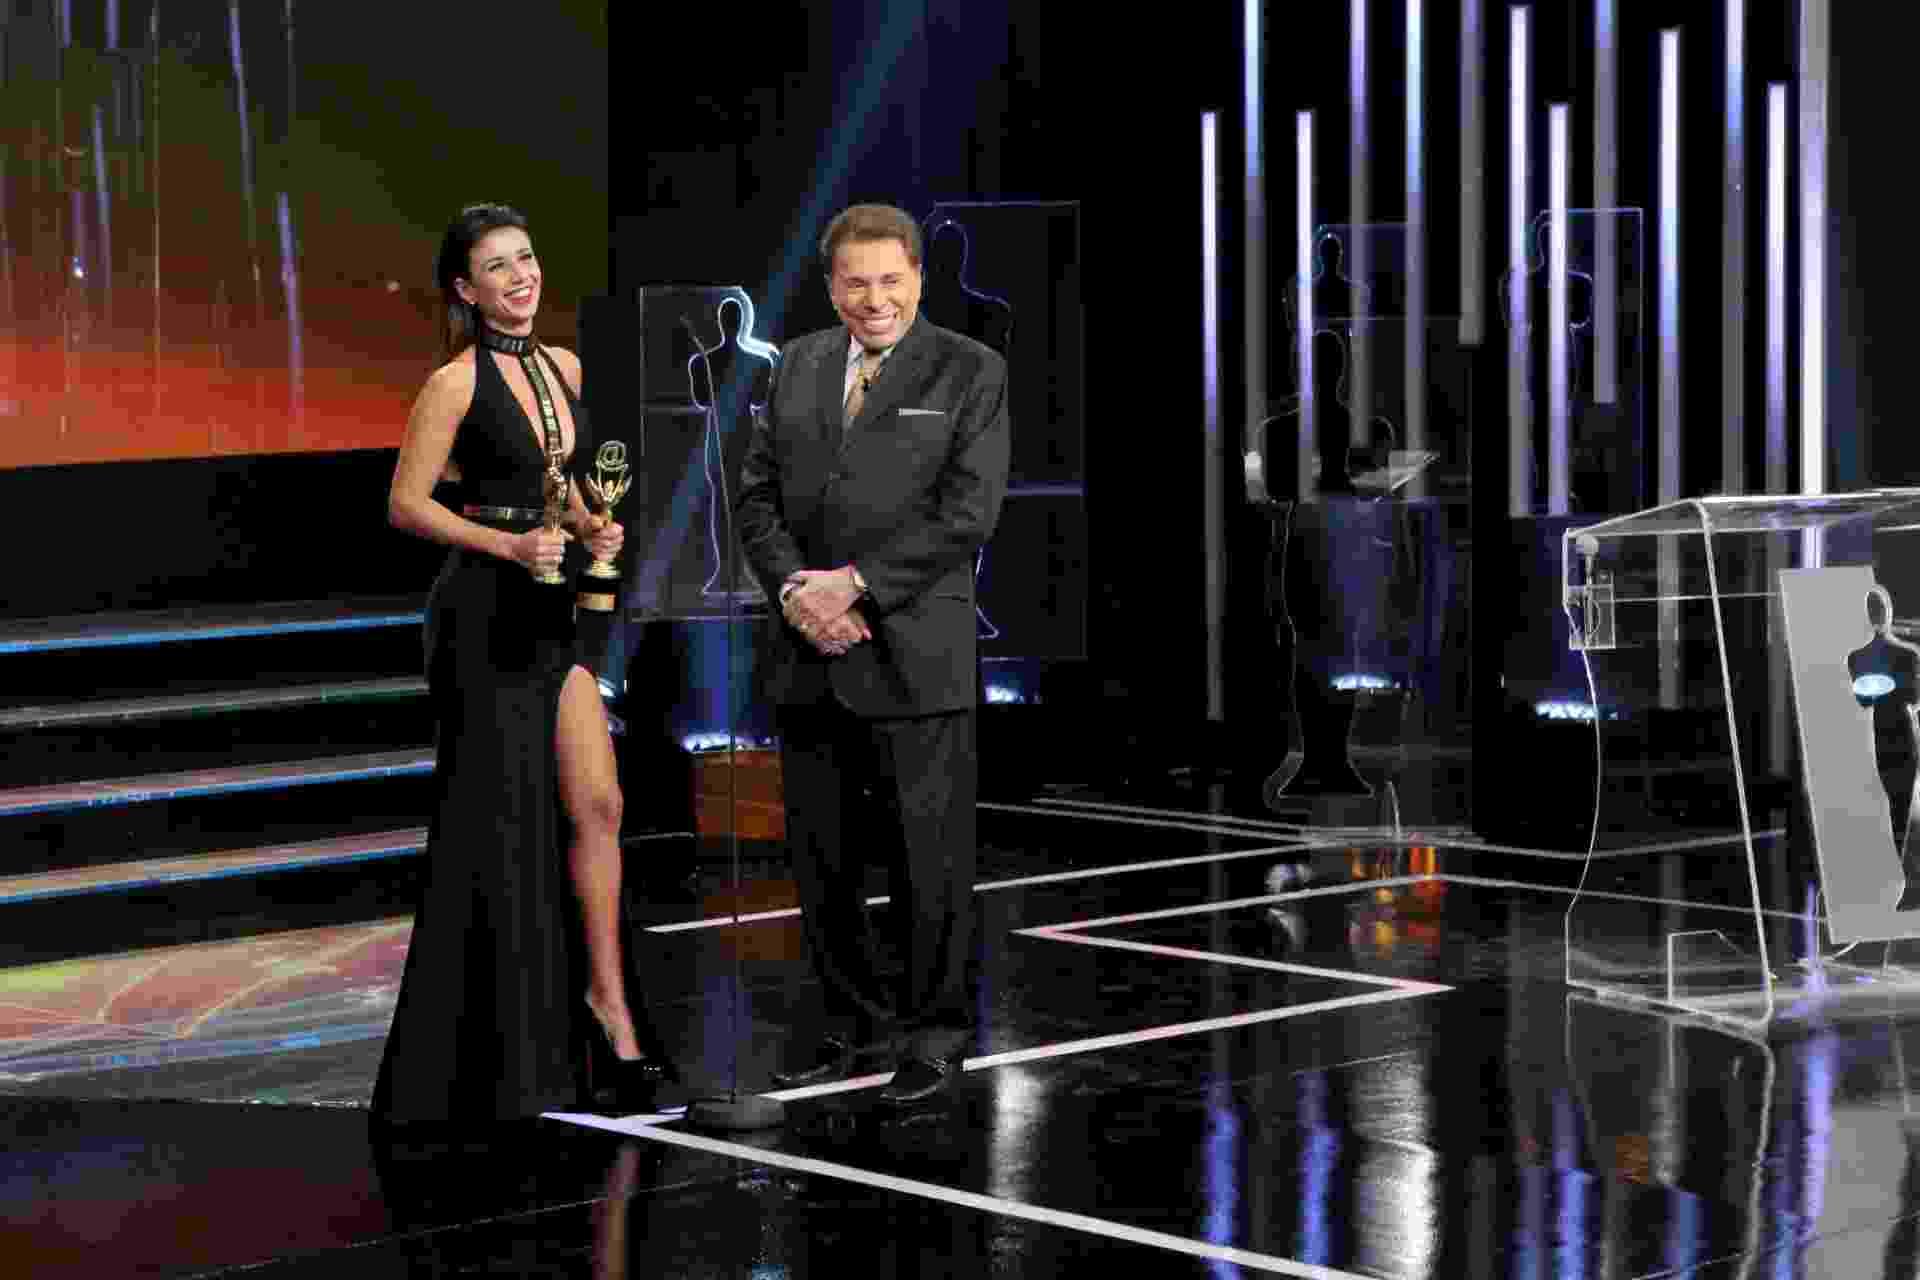 Cantora Paula Fernandes recebe seus troféus na premiação e se diverte ao lado do animador Silvio Santos - Divulgação/SBT